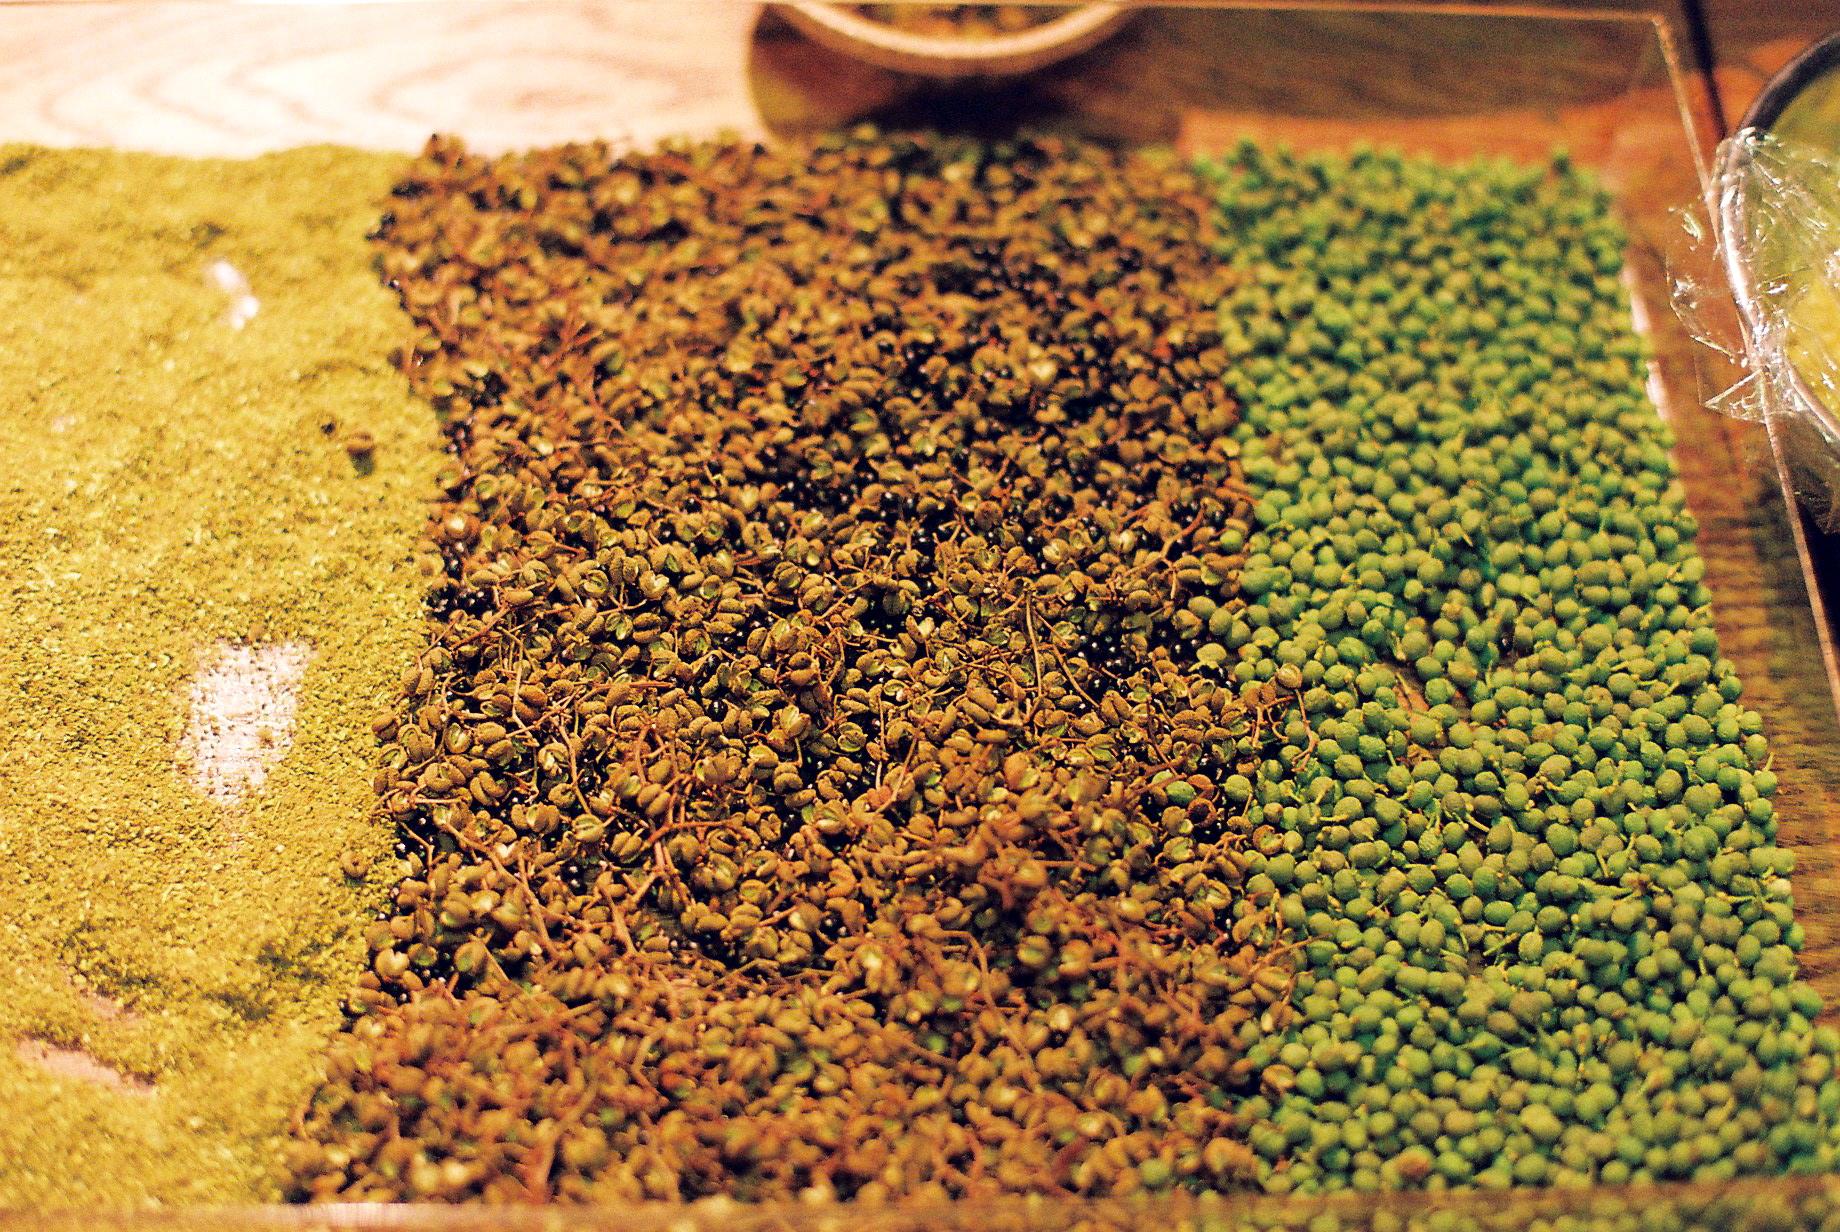 和歌山の山椒を料理に使用させていただきました。右から  、山椒のフレッシュ、ドライ、パウダーです。黒い粒を口  にすると、強烈な刺激があるので要注意。今後も和歌山の  山椒をつかったNomadicオリジナルレシピに注目で  す。